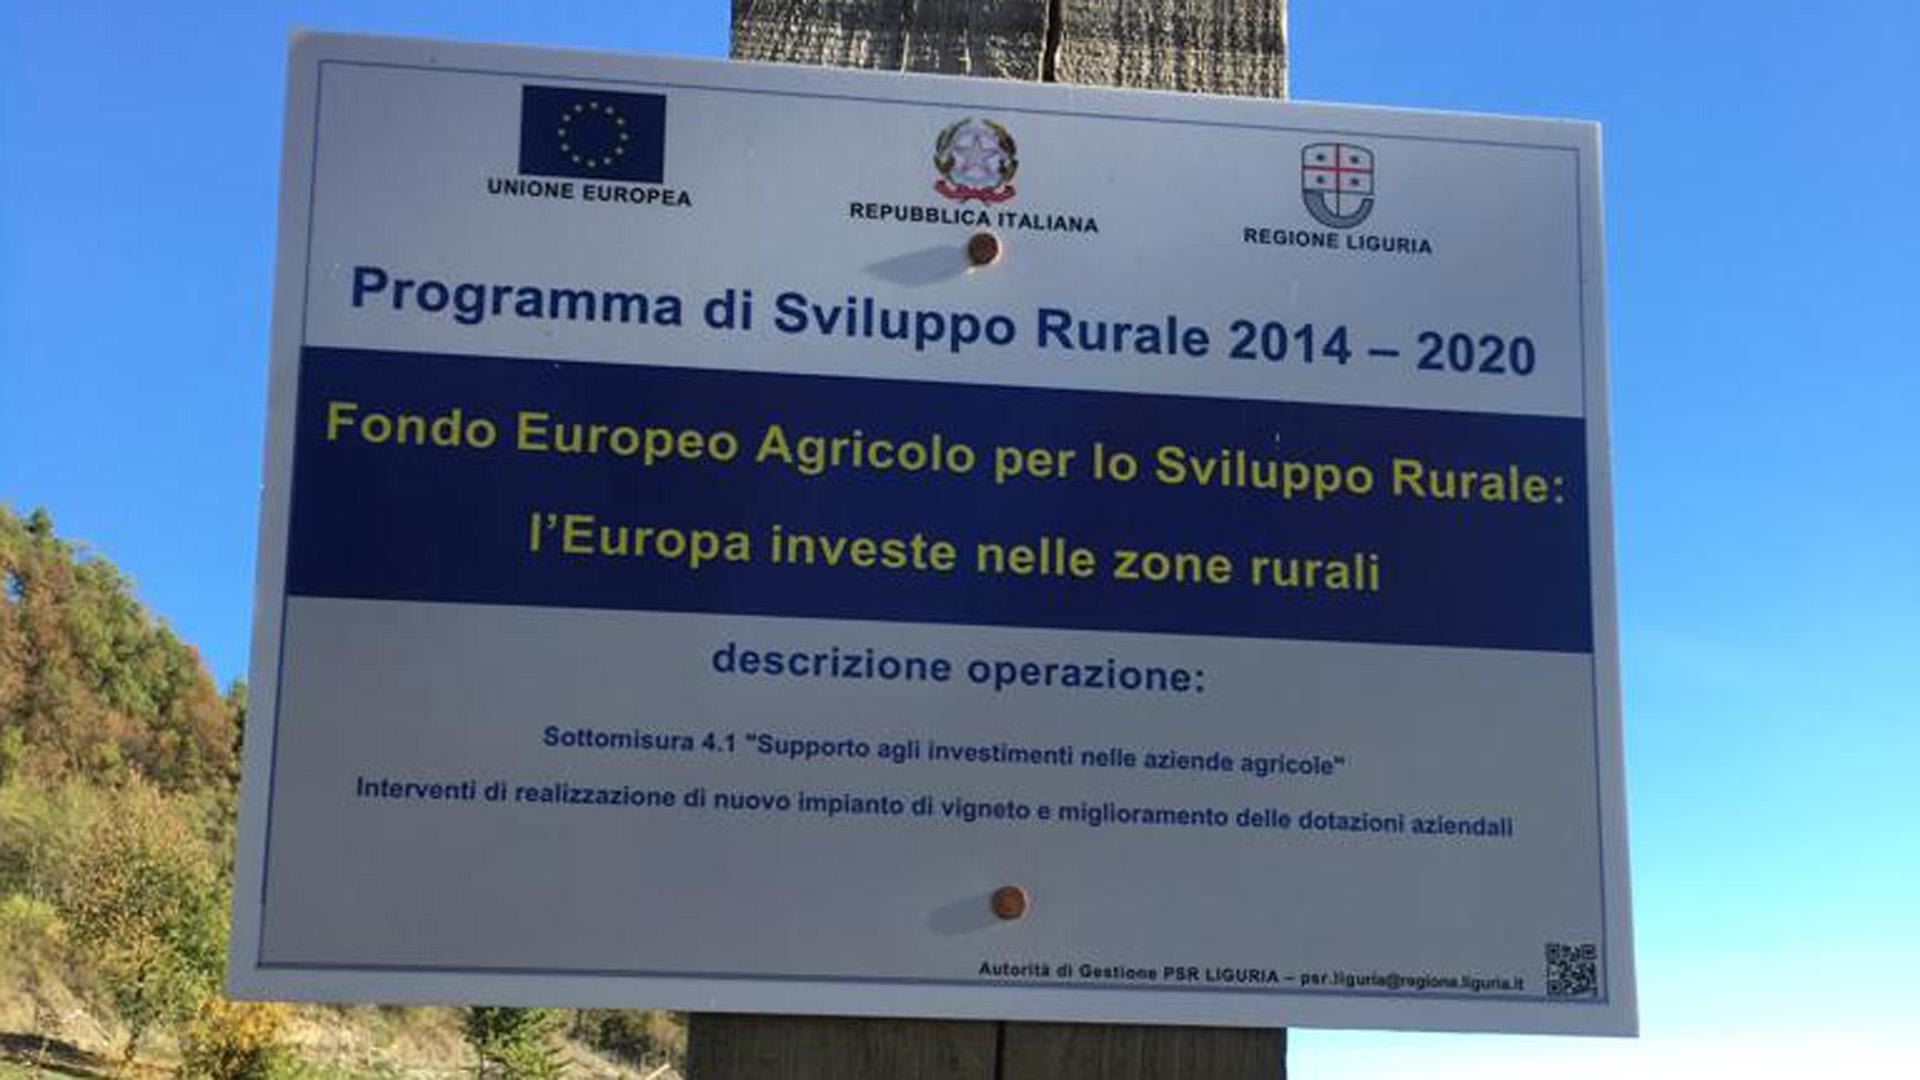 Azienda Agricola RoccaVinealis - Fondo Europero Agricolo Sviluppo Rurale